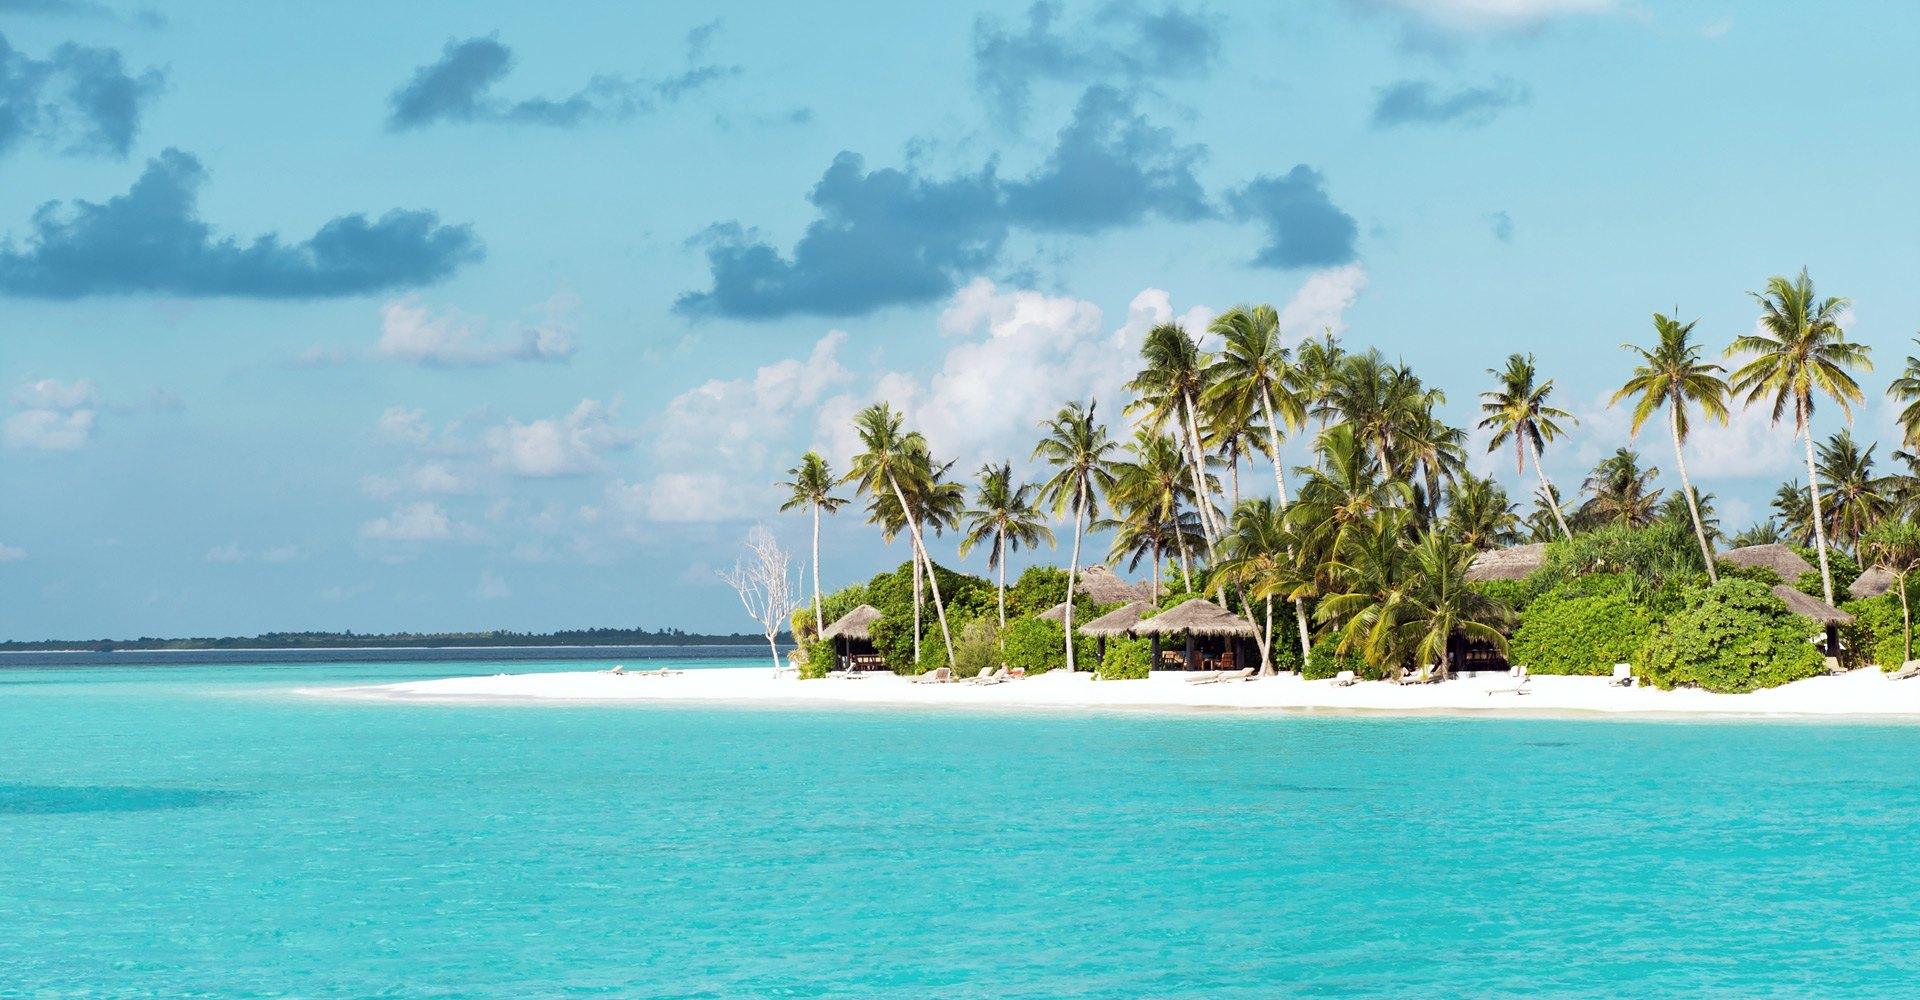 Tropical Beach Maldives Asia